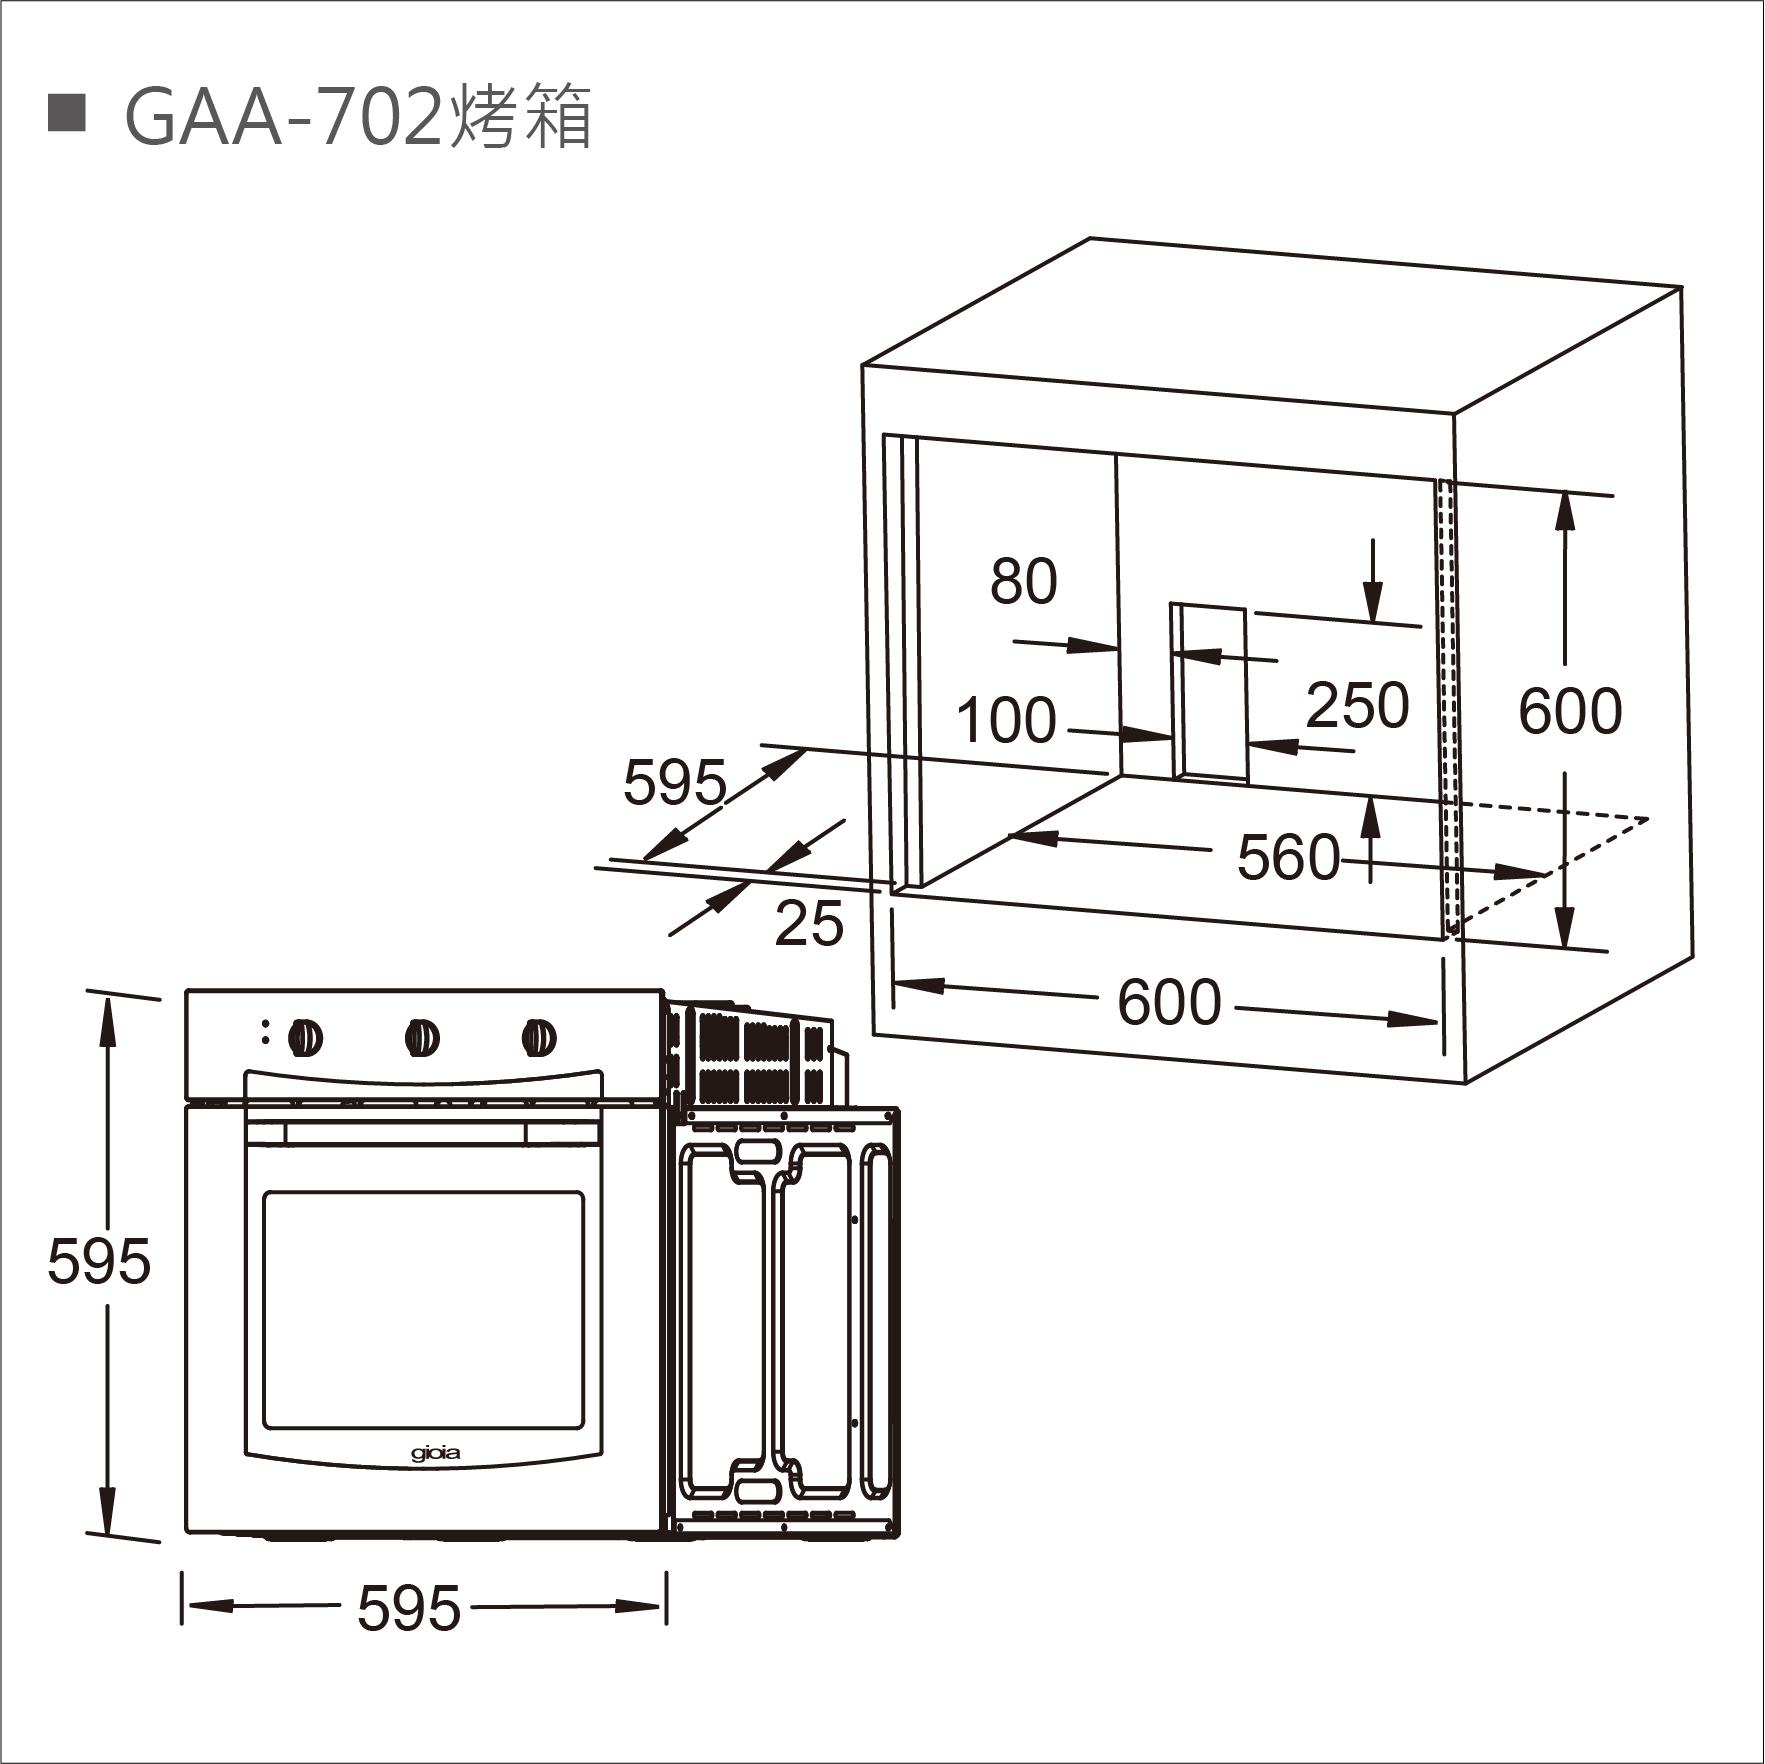 GAA-702 烤箱-GAA-702